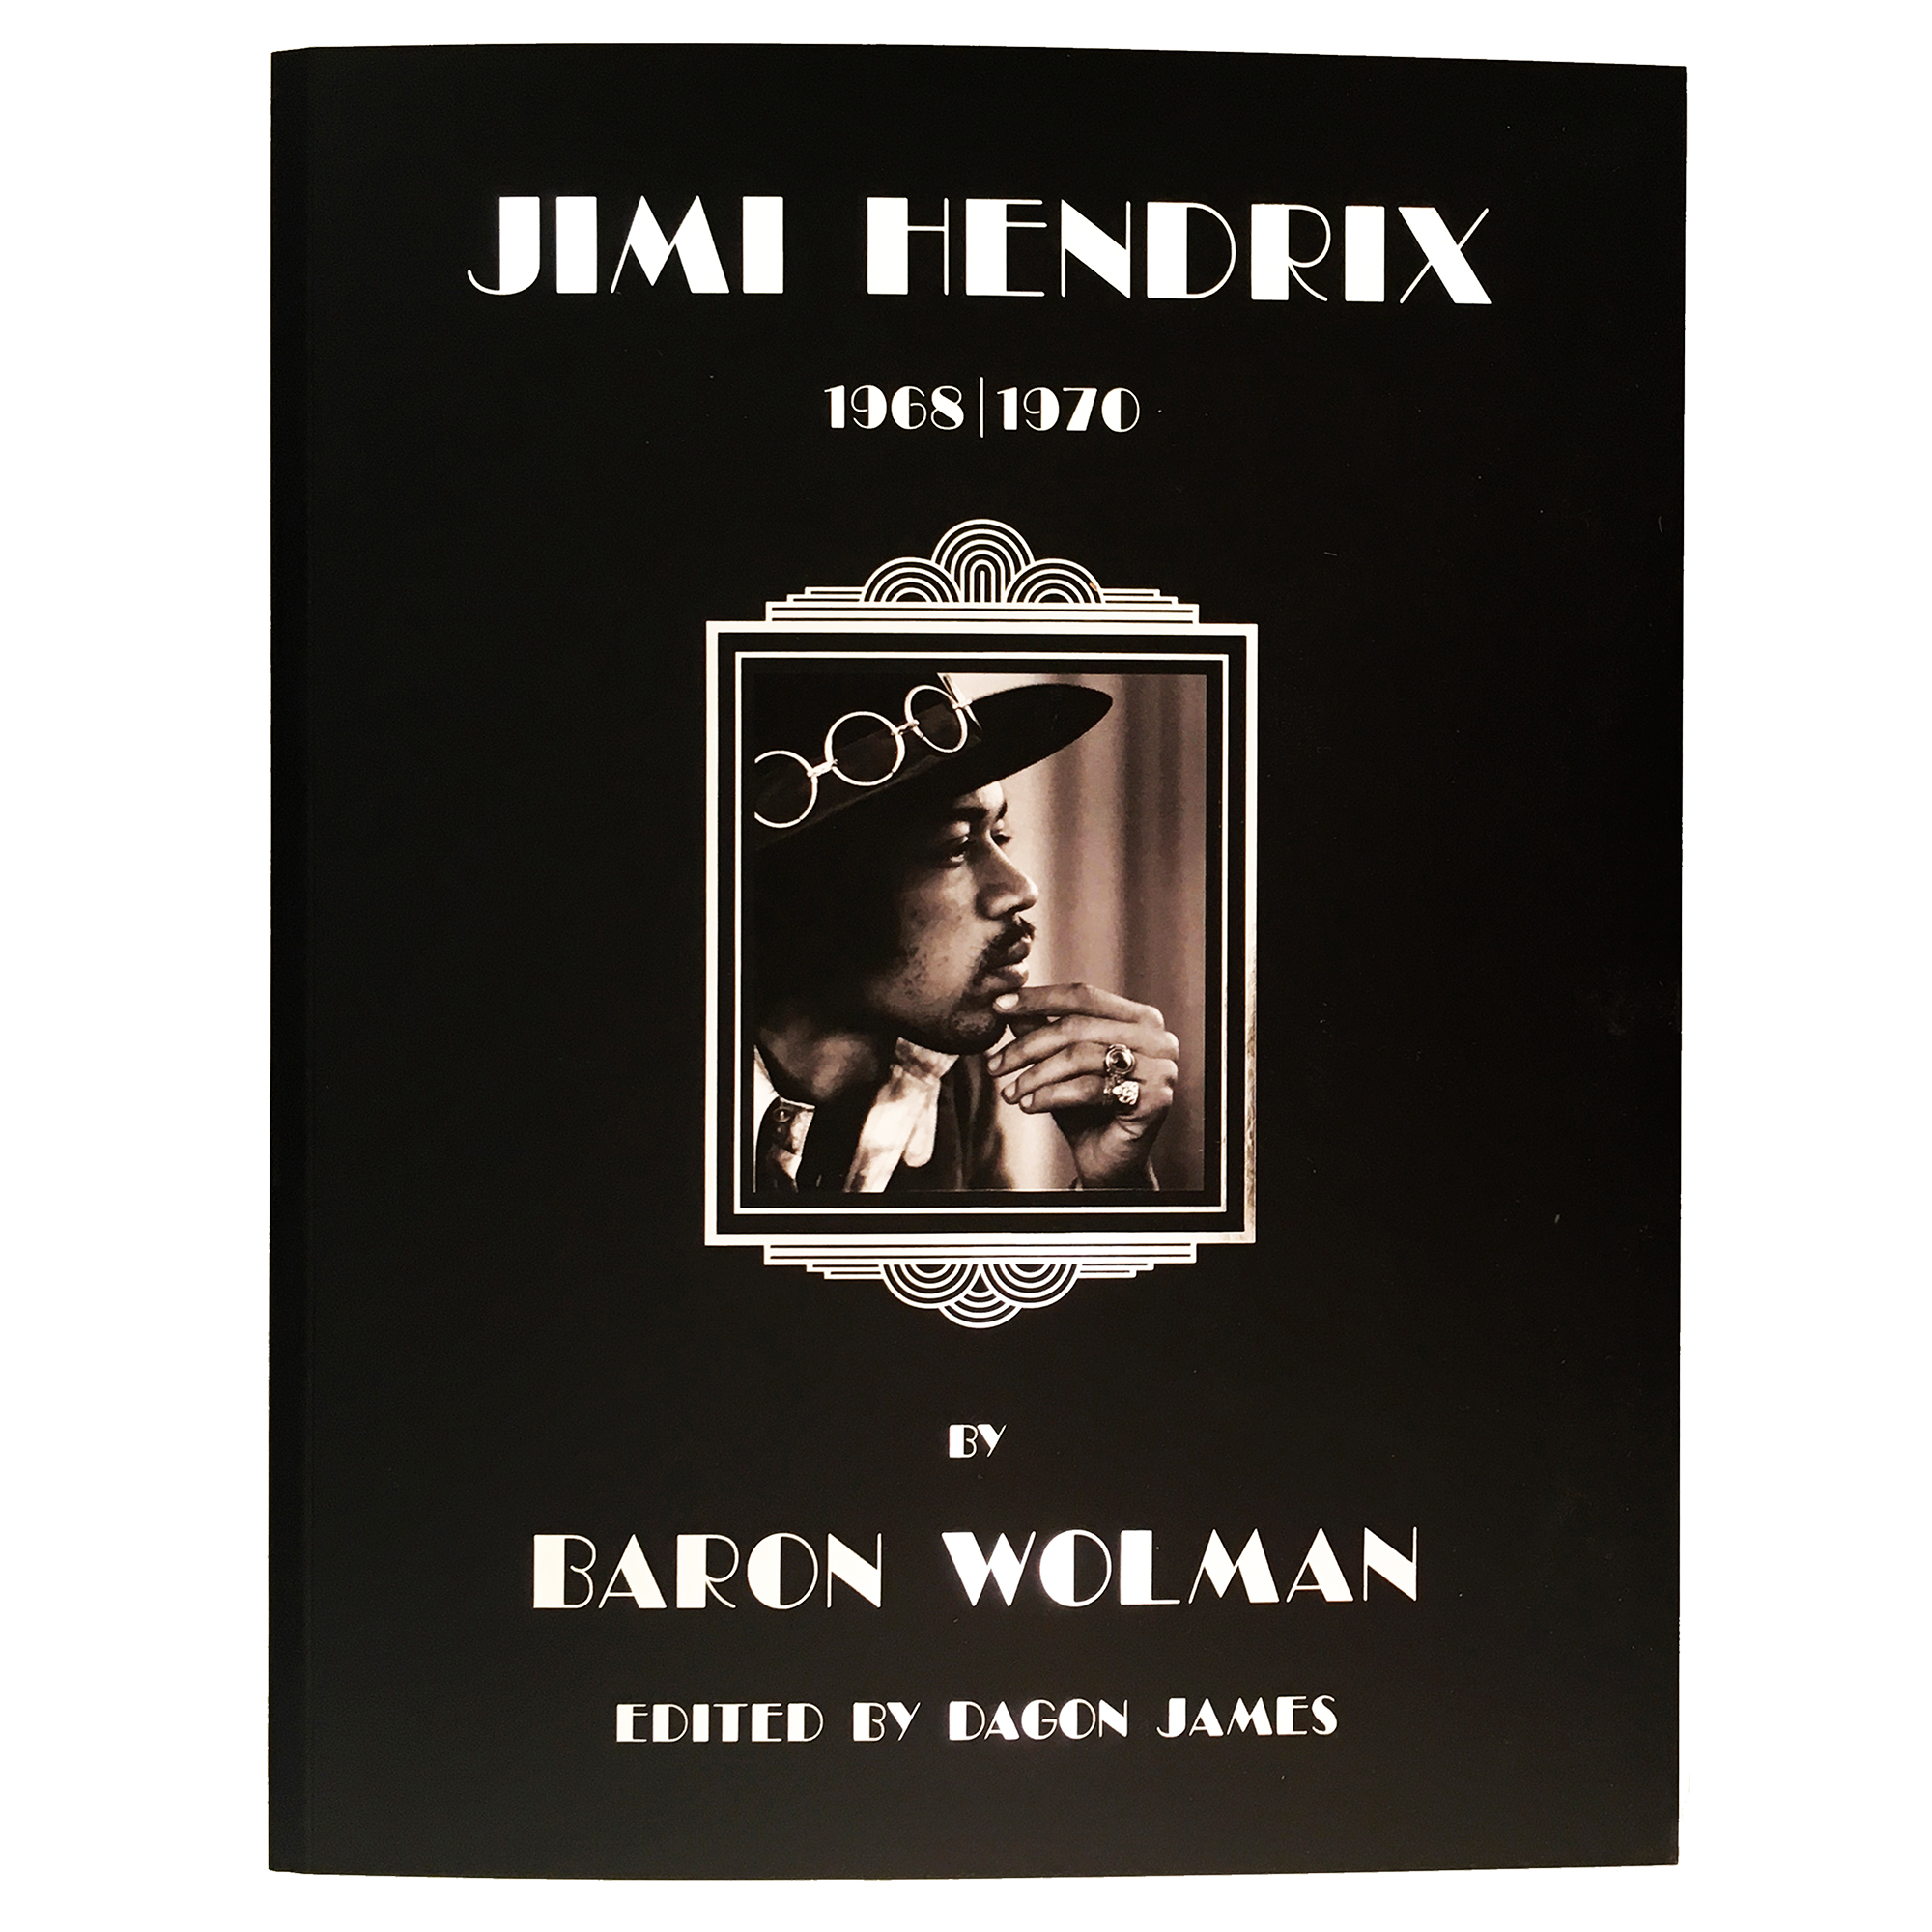 Jimi Hendrix 1968|1970